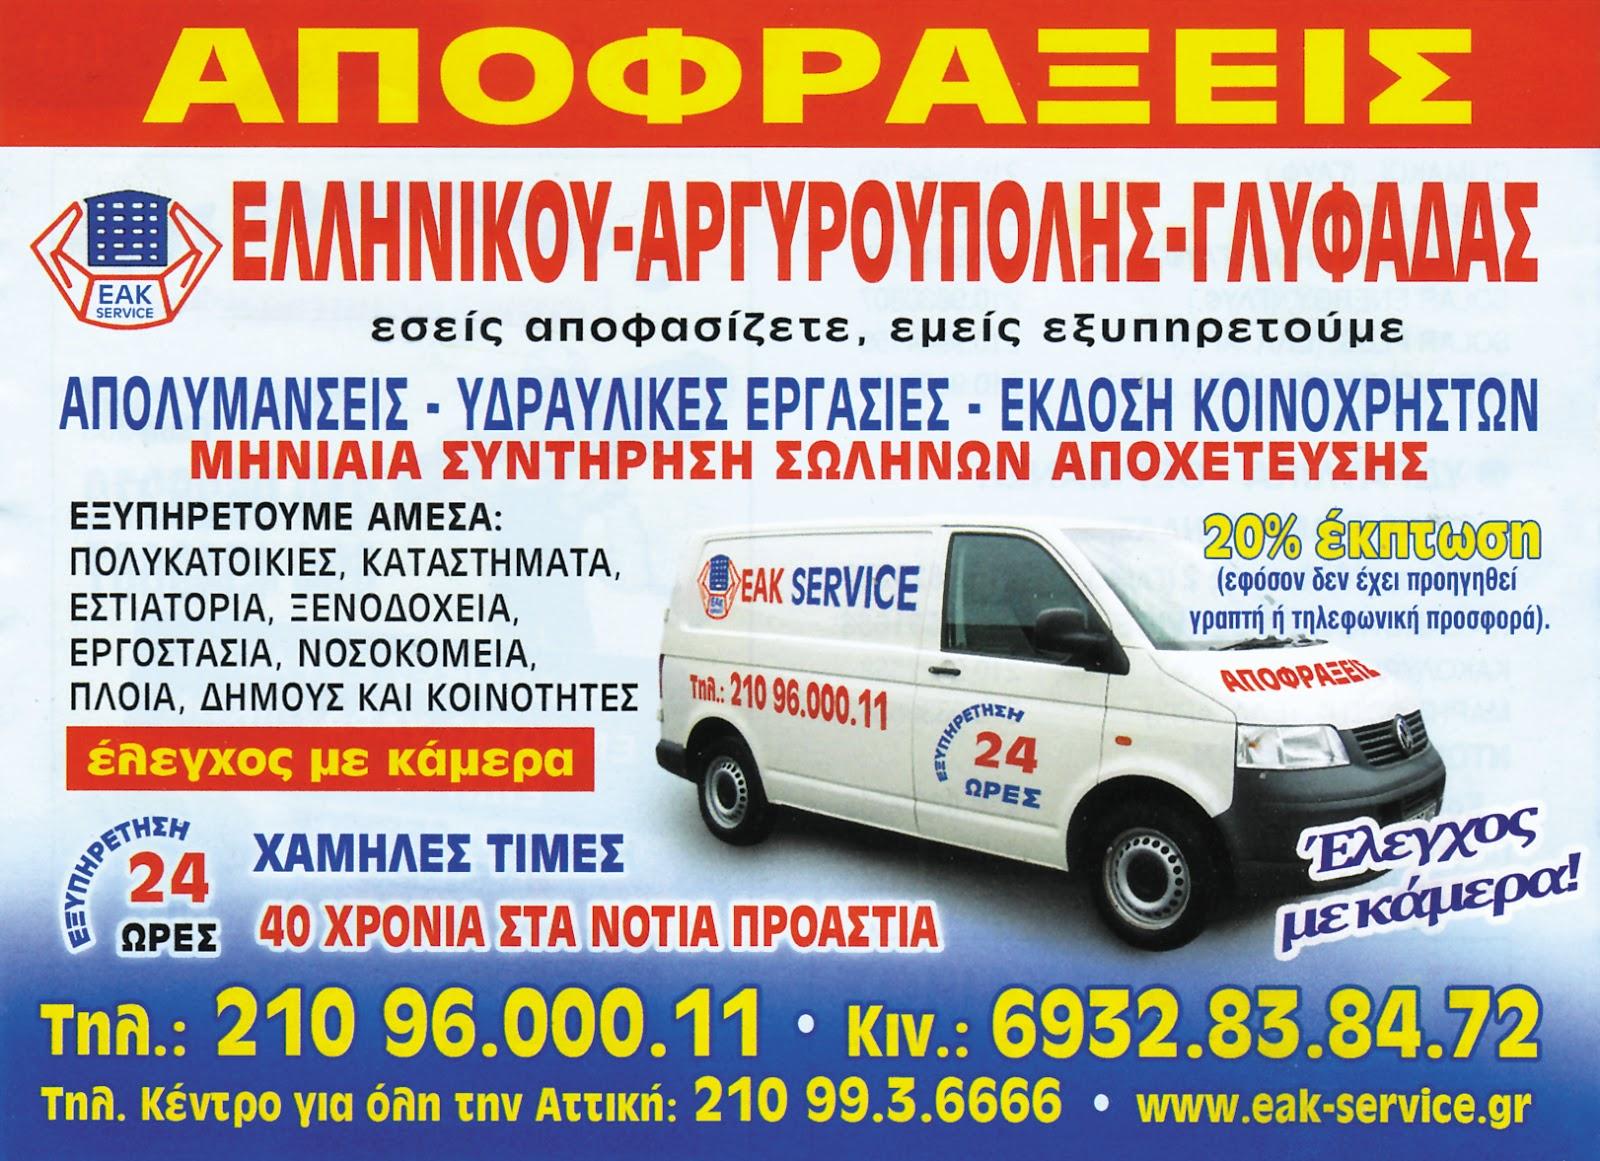 ΕΑΚ SRVICE